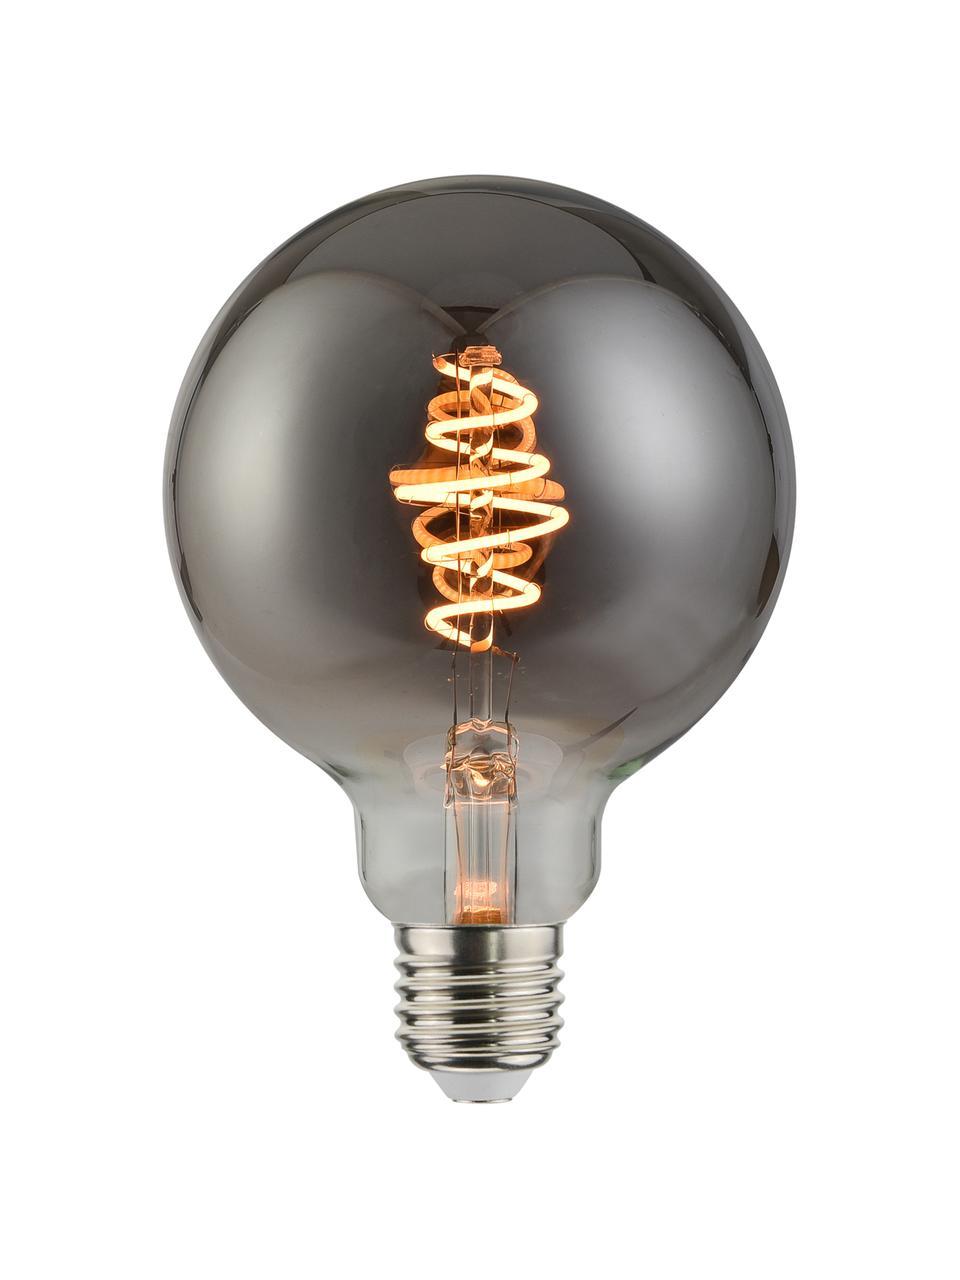 E27 Leuchtmittel, 140lm, dimmbar, warmweiß, 1 Stück, Leuchtmittelschirm: Glas, Leuchtmittelfassung: Metall, Grau, transparent, Ø 10 x H 14 cm